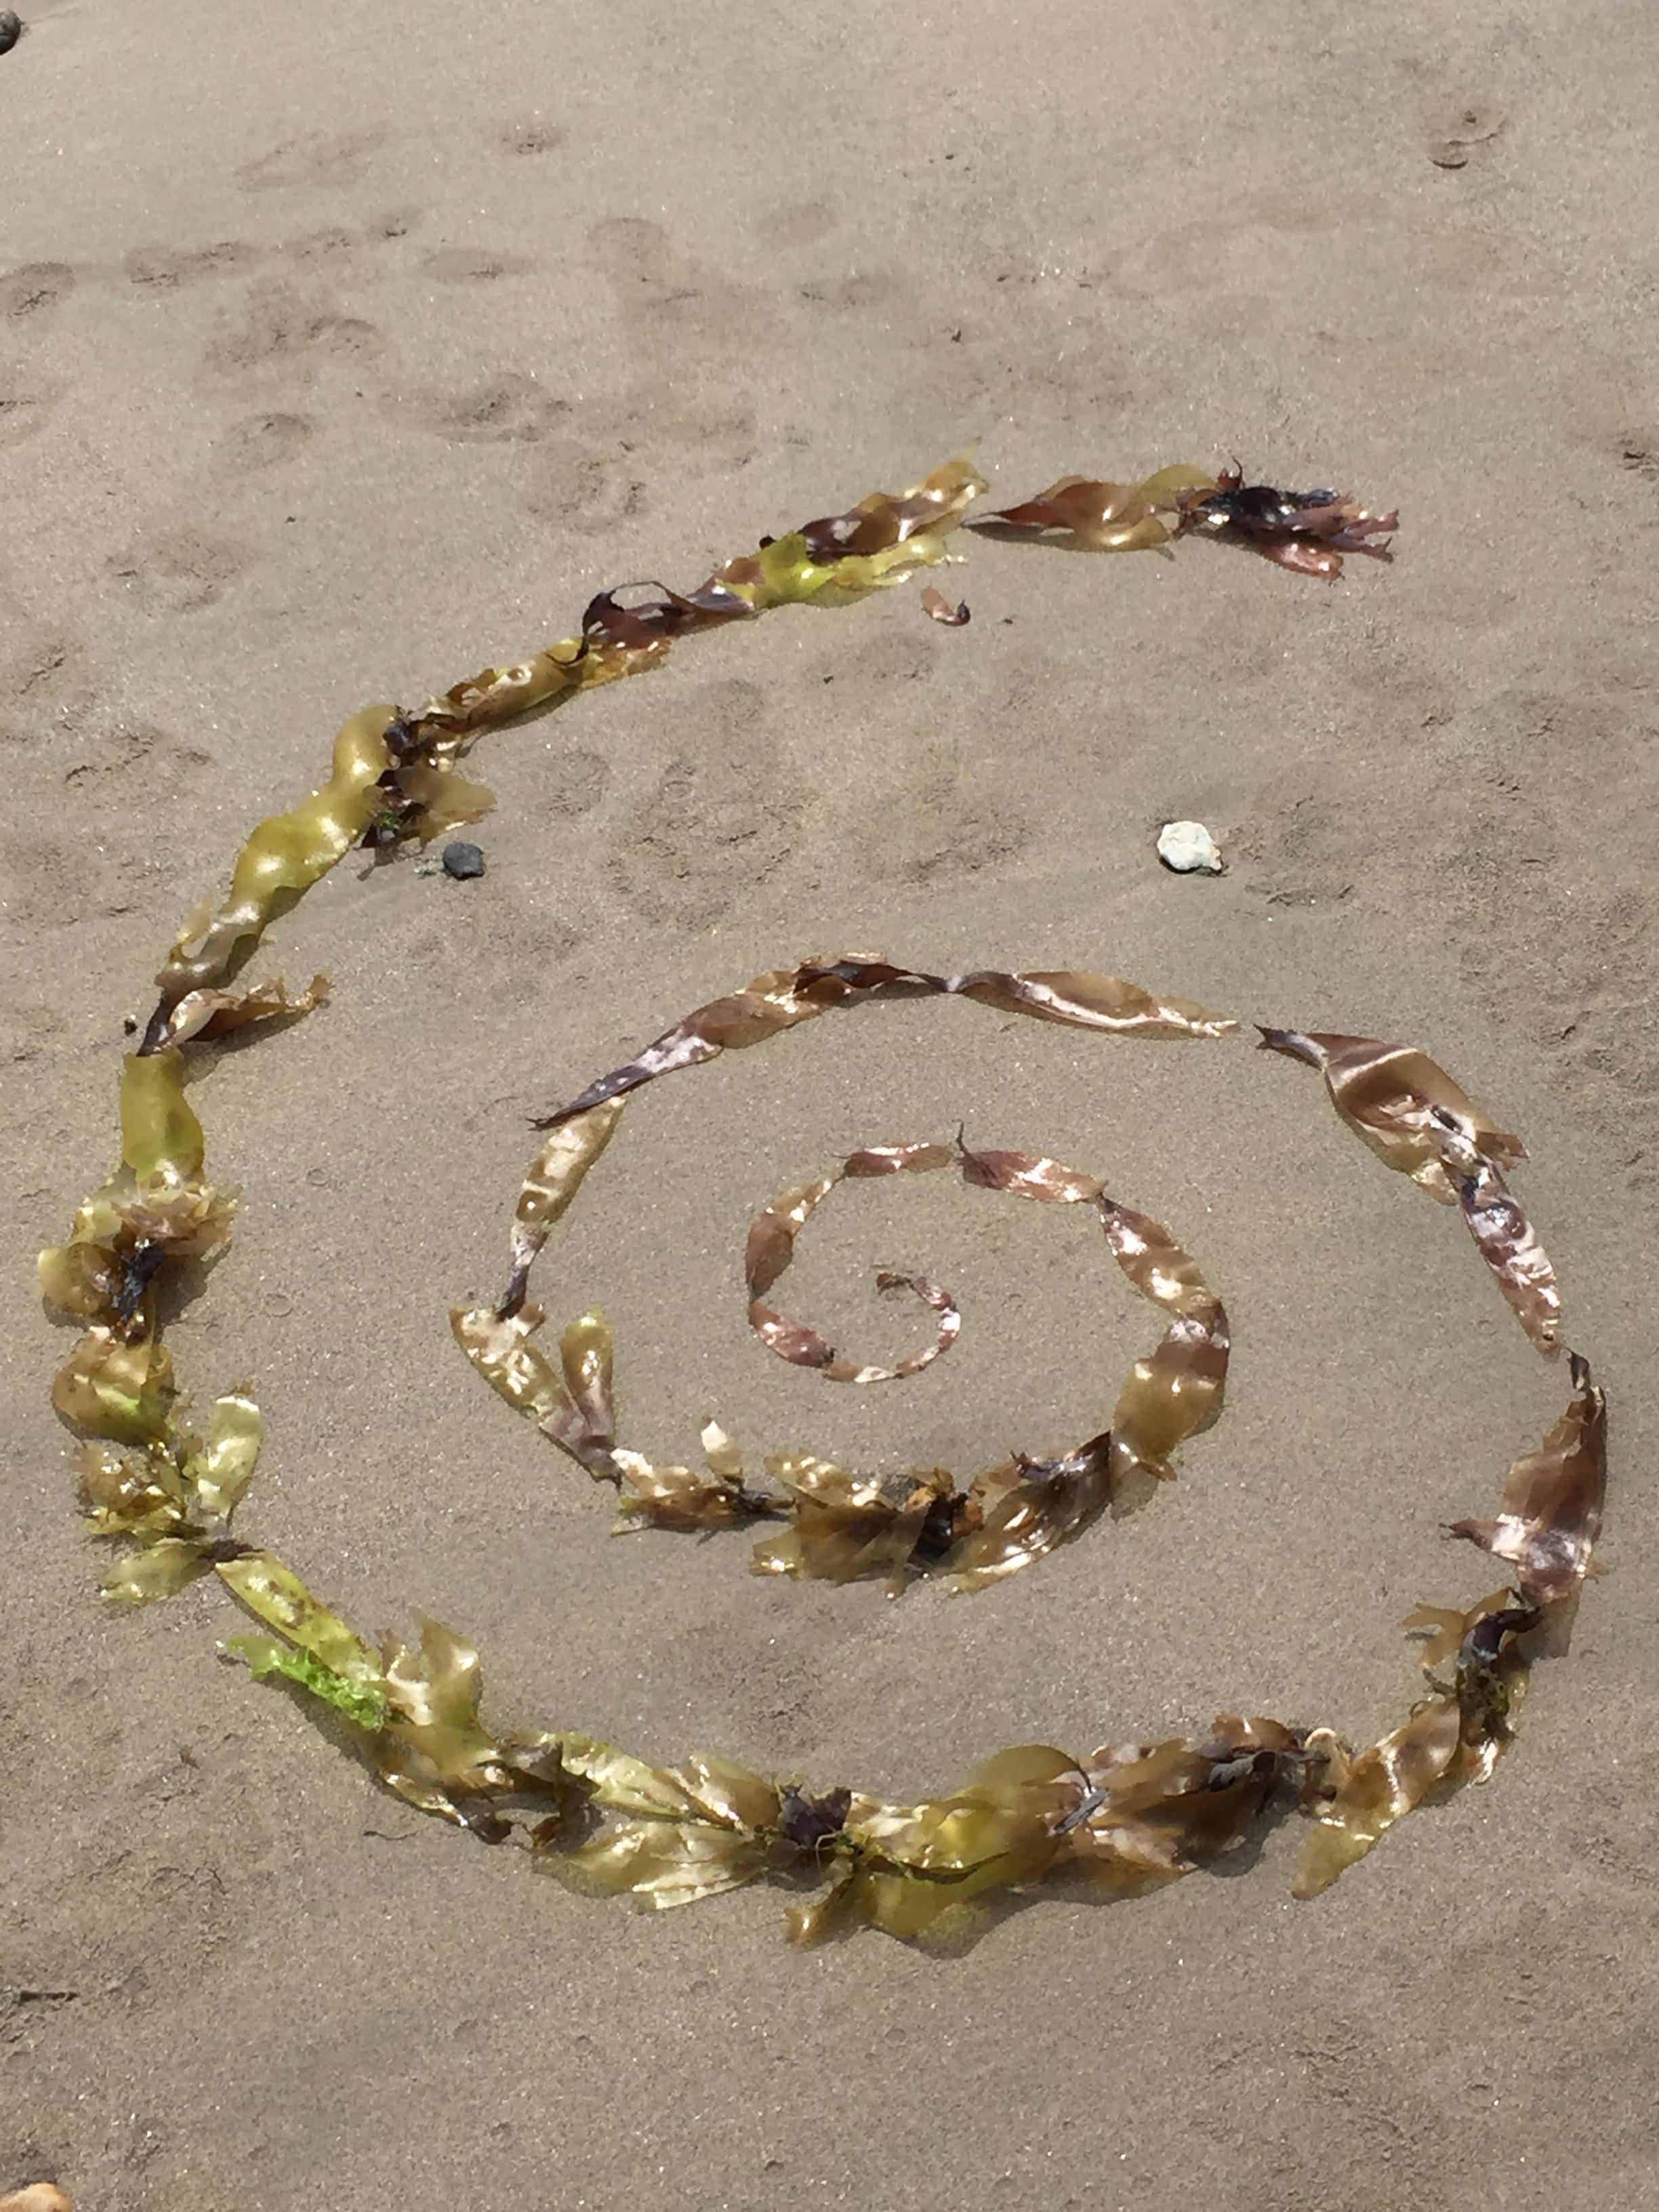 seaweed spiral